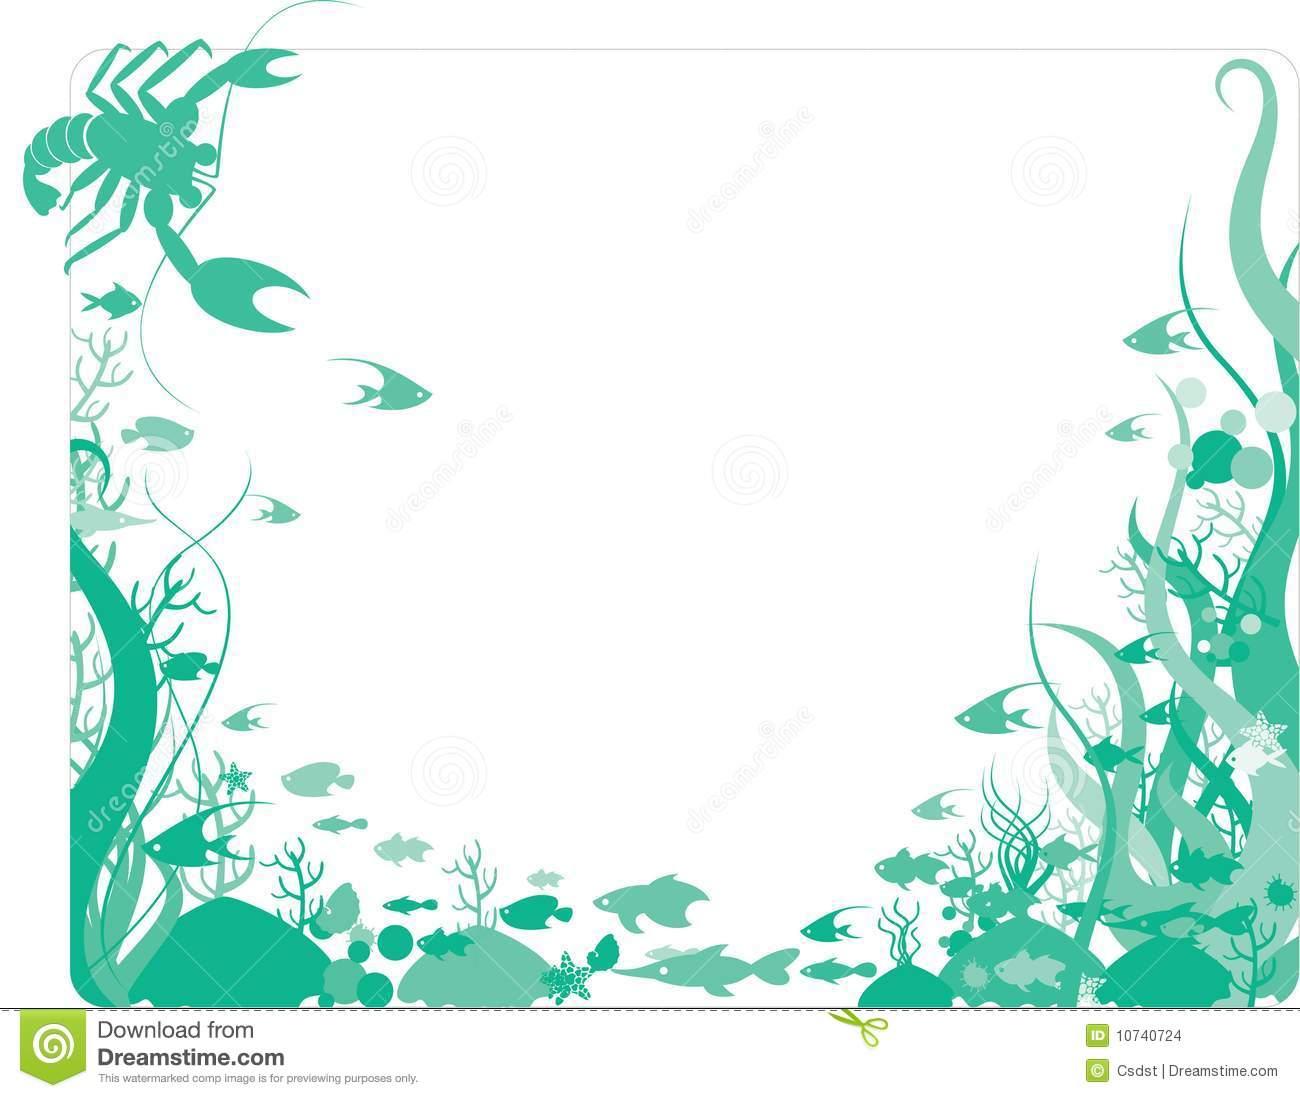 Ocean Themed Wallpaper Borders Wallpapersafari